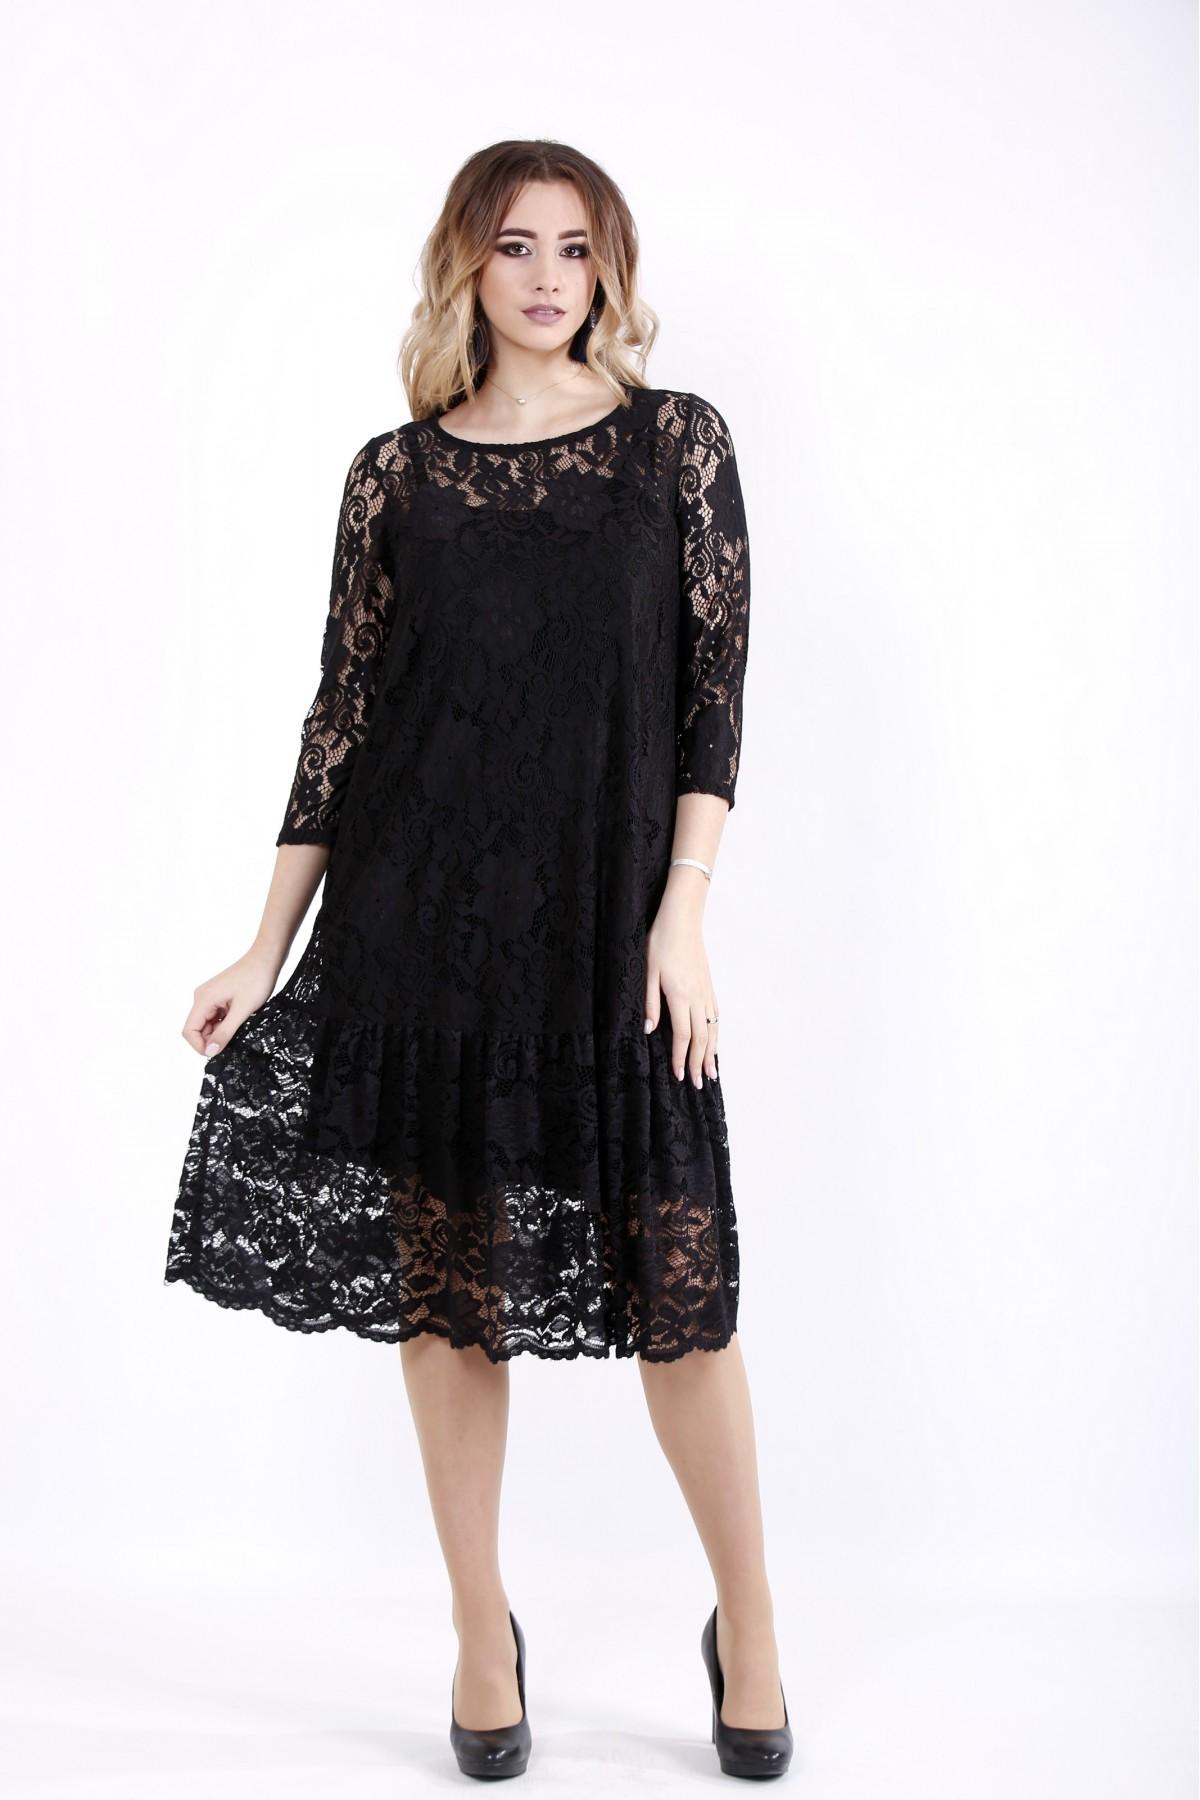 01050-1 | Черное трикотажное платье с гипюром